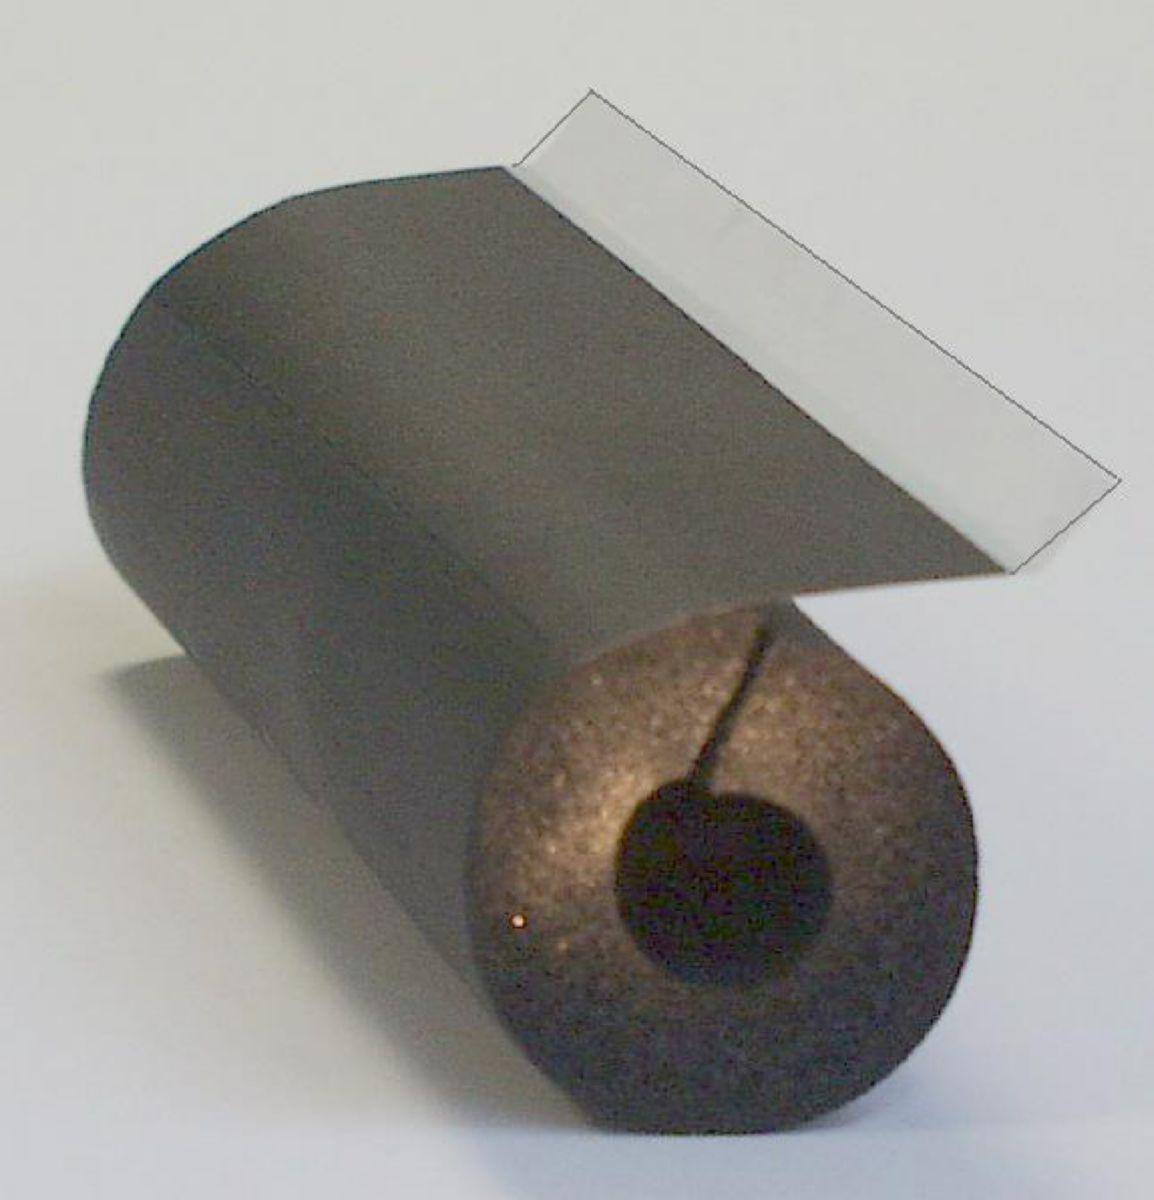 Tube K-Flex ST adhésif à recouvrement NF FEU RT 2005 épaisseur 13 mm diamètre 18 mm réf ST13X018R (classe 2 - conforme RT 2012)